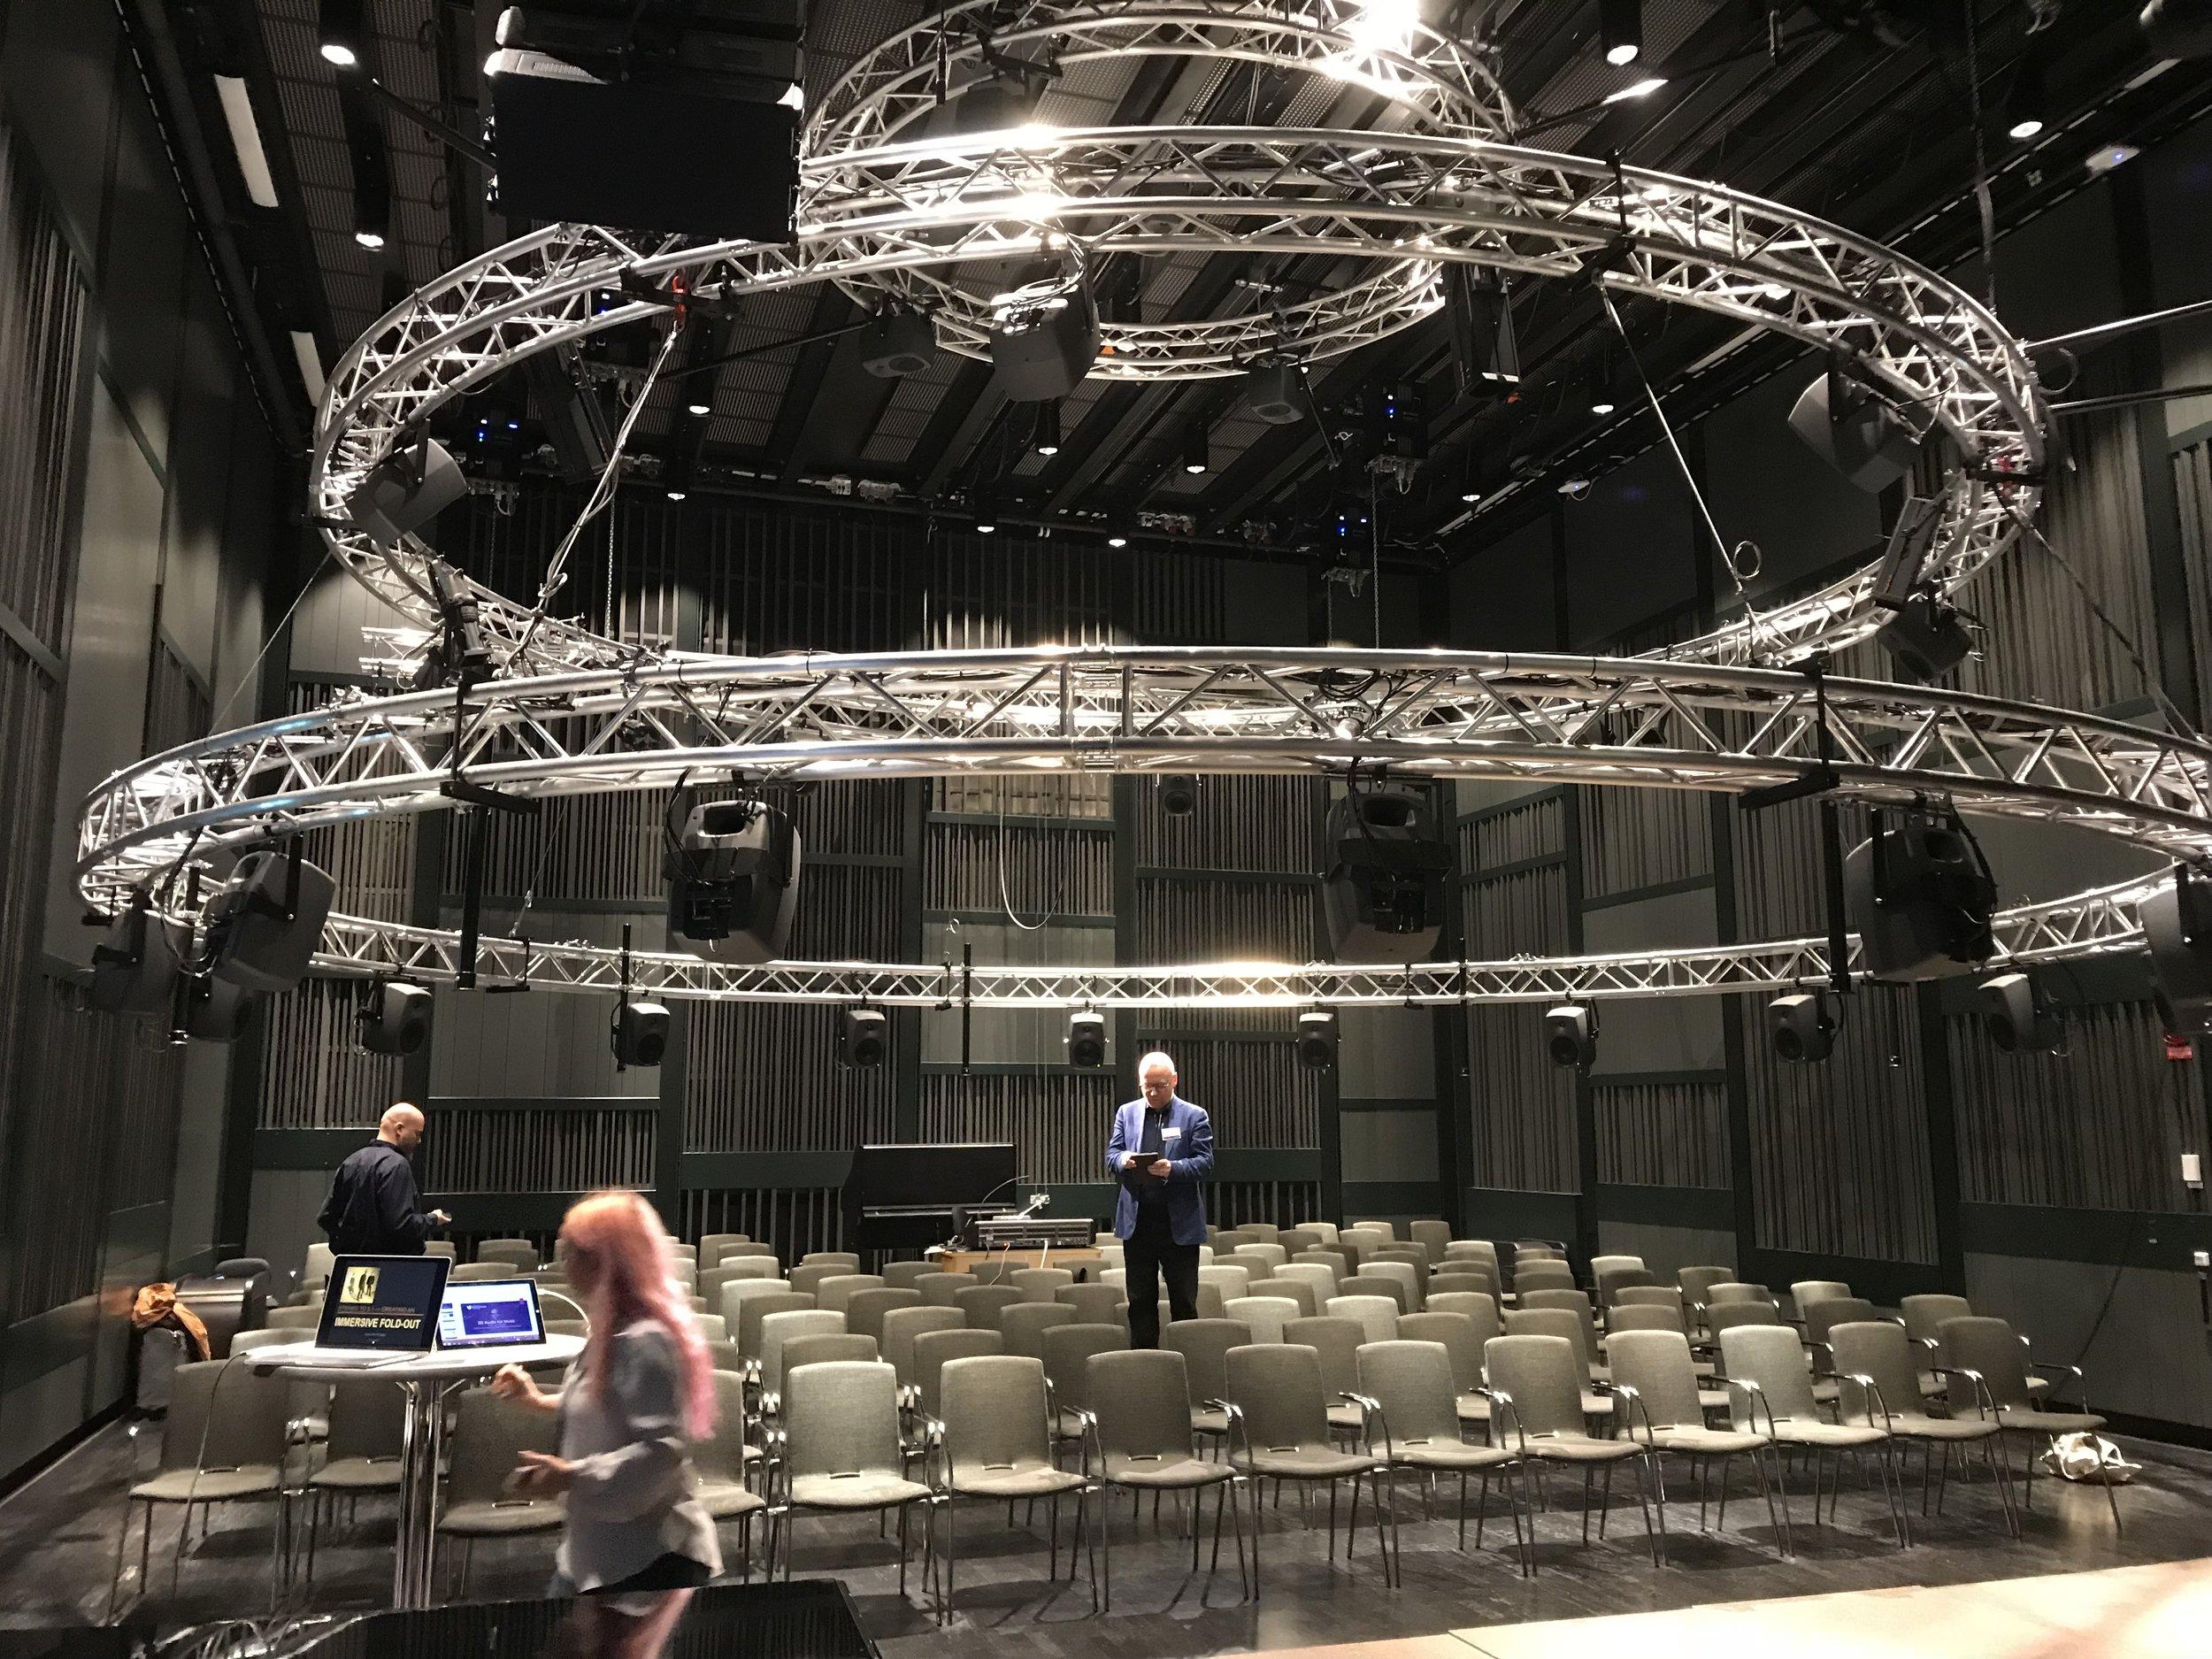 The 45.4 Sound-dome